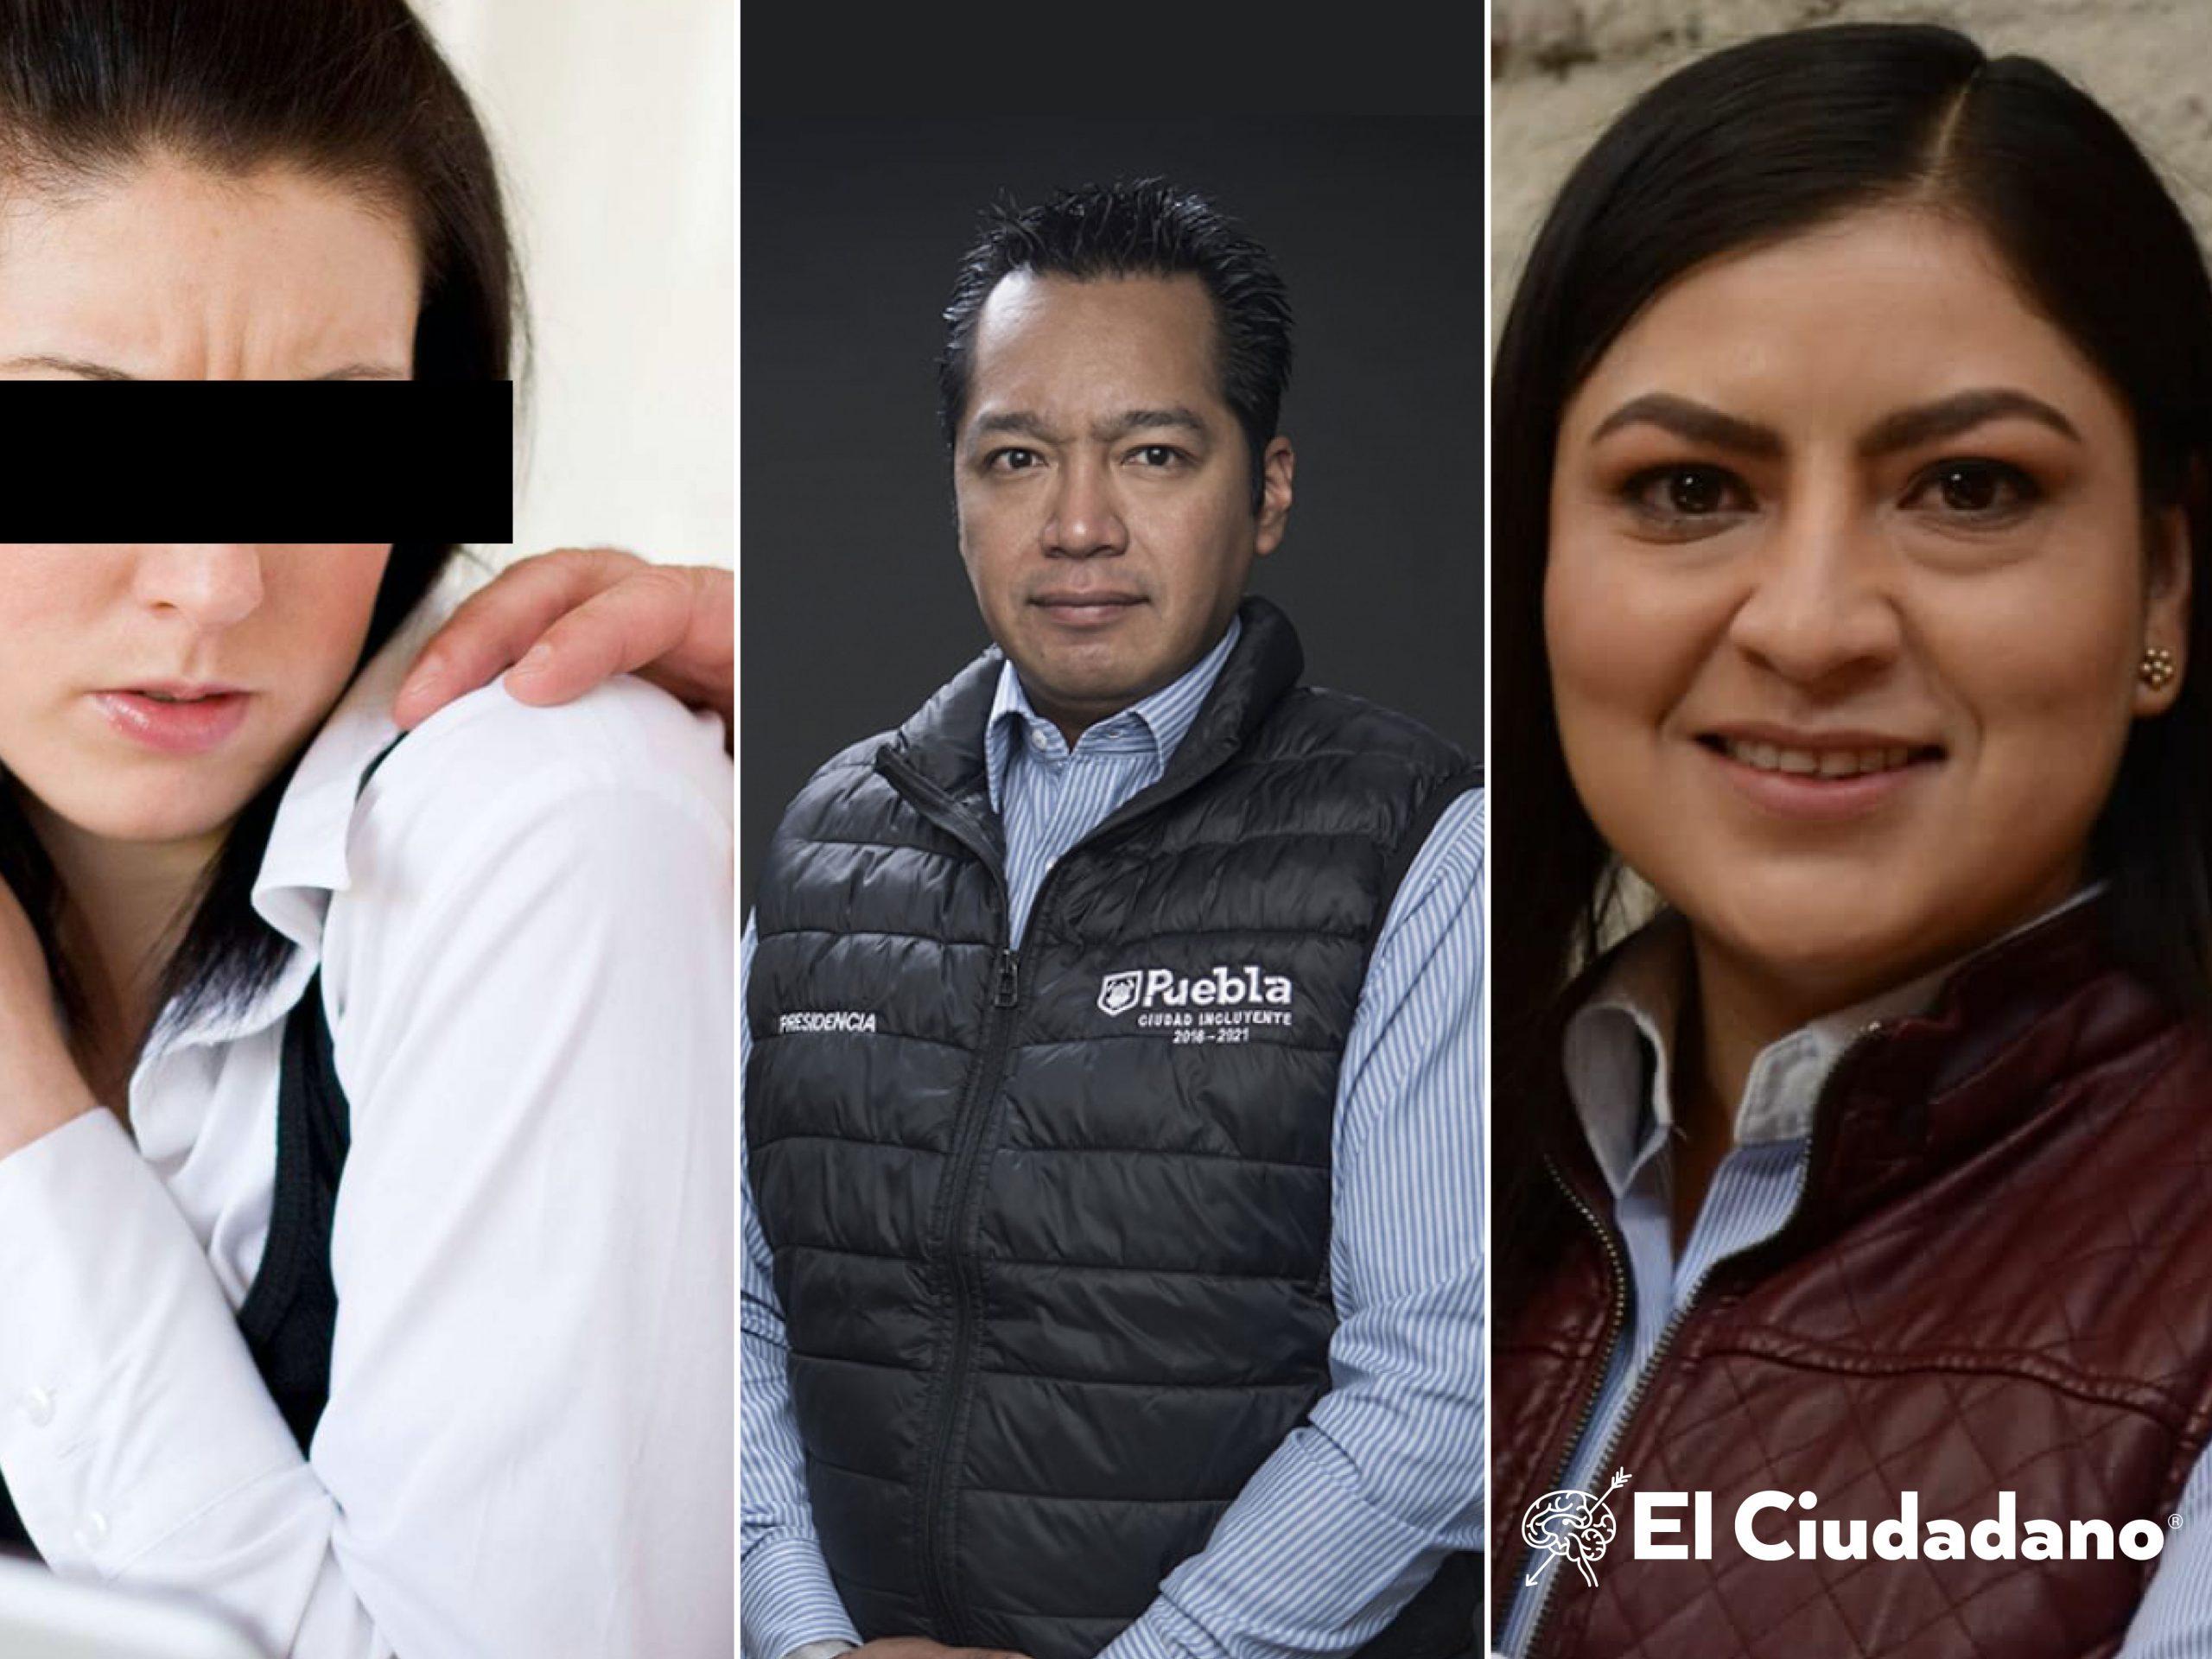 Andrés García Viveros: quién es el exfuncionario municipal acusado de nepotismo, corrupción y acoso sexual